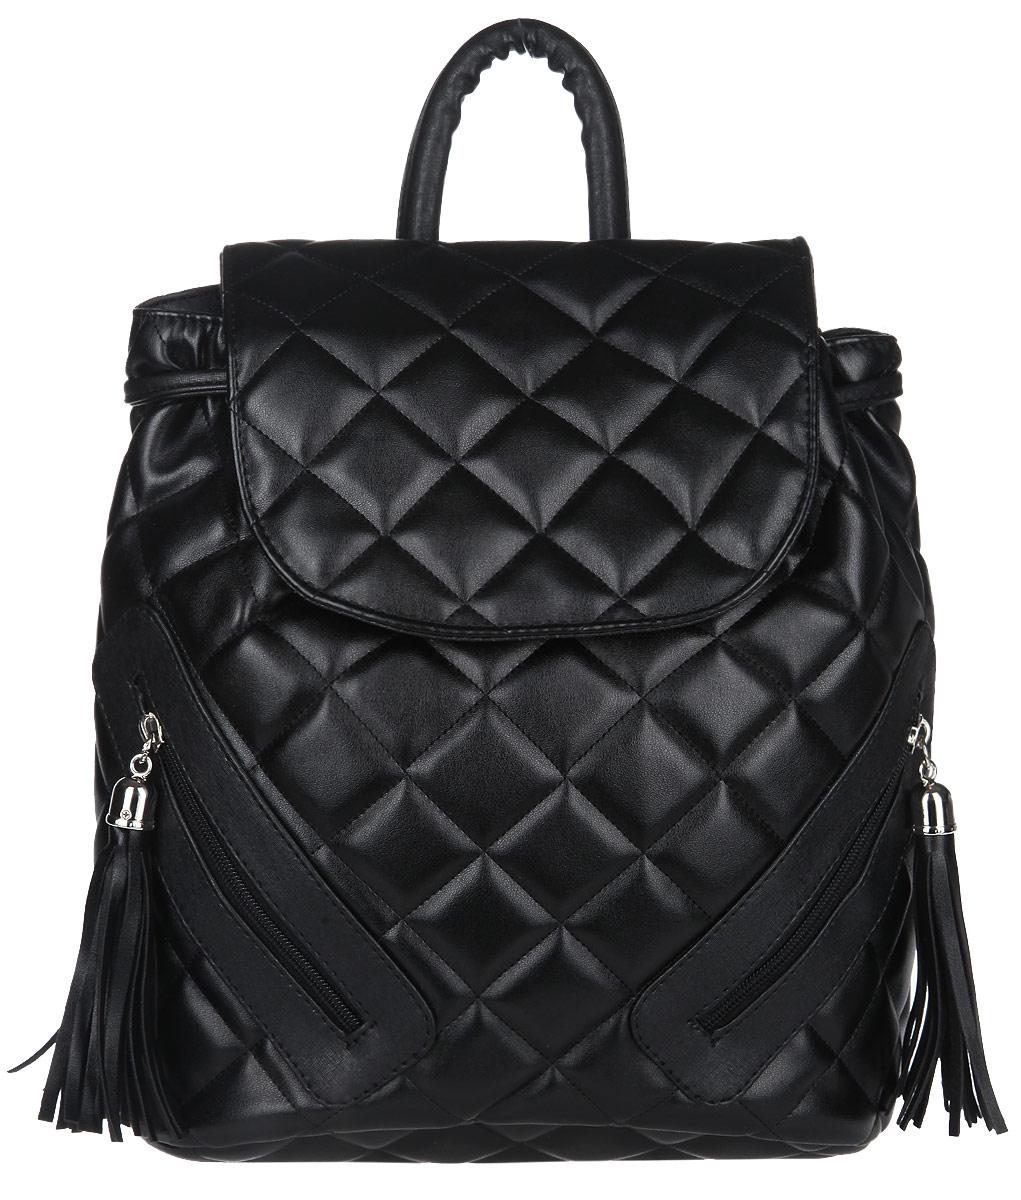 Рюкзак женский Antan, цвет: черный, графит. 891KV996OPY/MСтильная компактная сумочка от Antan из лаковой экокожи с прострочкой создана для женщин, ценящих лаконичный дизайн в сочетании с функциональностью и комфортом. Стильный и практичный вариант на каждый день. Сумка носится в руке или на плече. Украшена серебристой фурнитурой и стильным фирменным брелком. Такая модель подчеркнет великолепный вкус своей обладательницы. Закрывается на молнию.